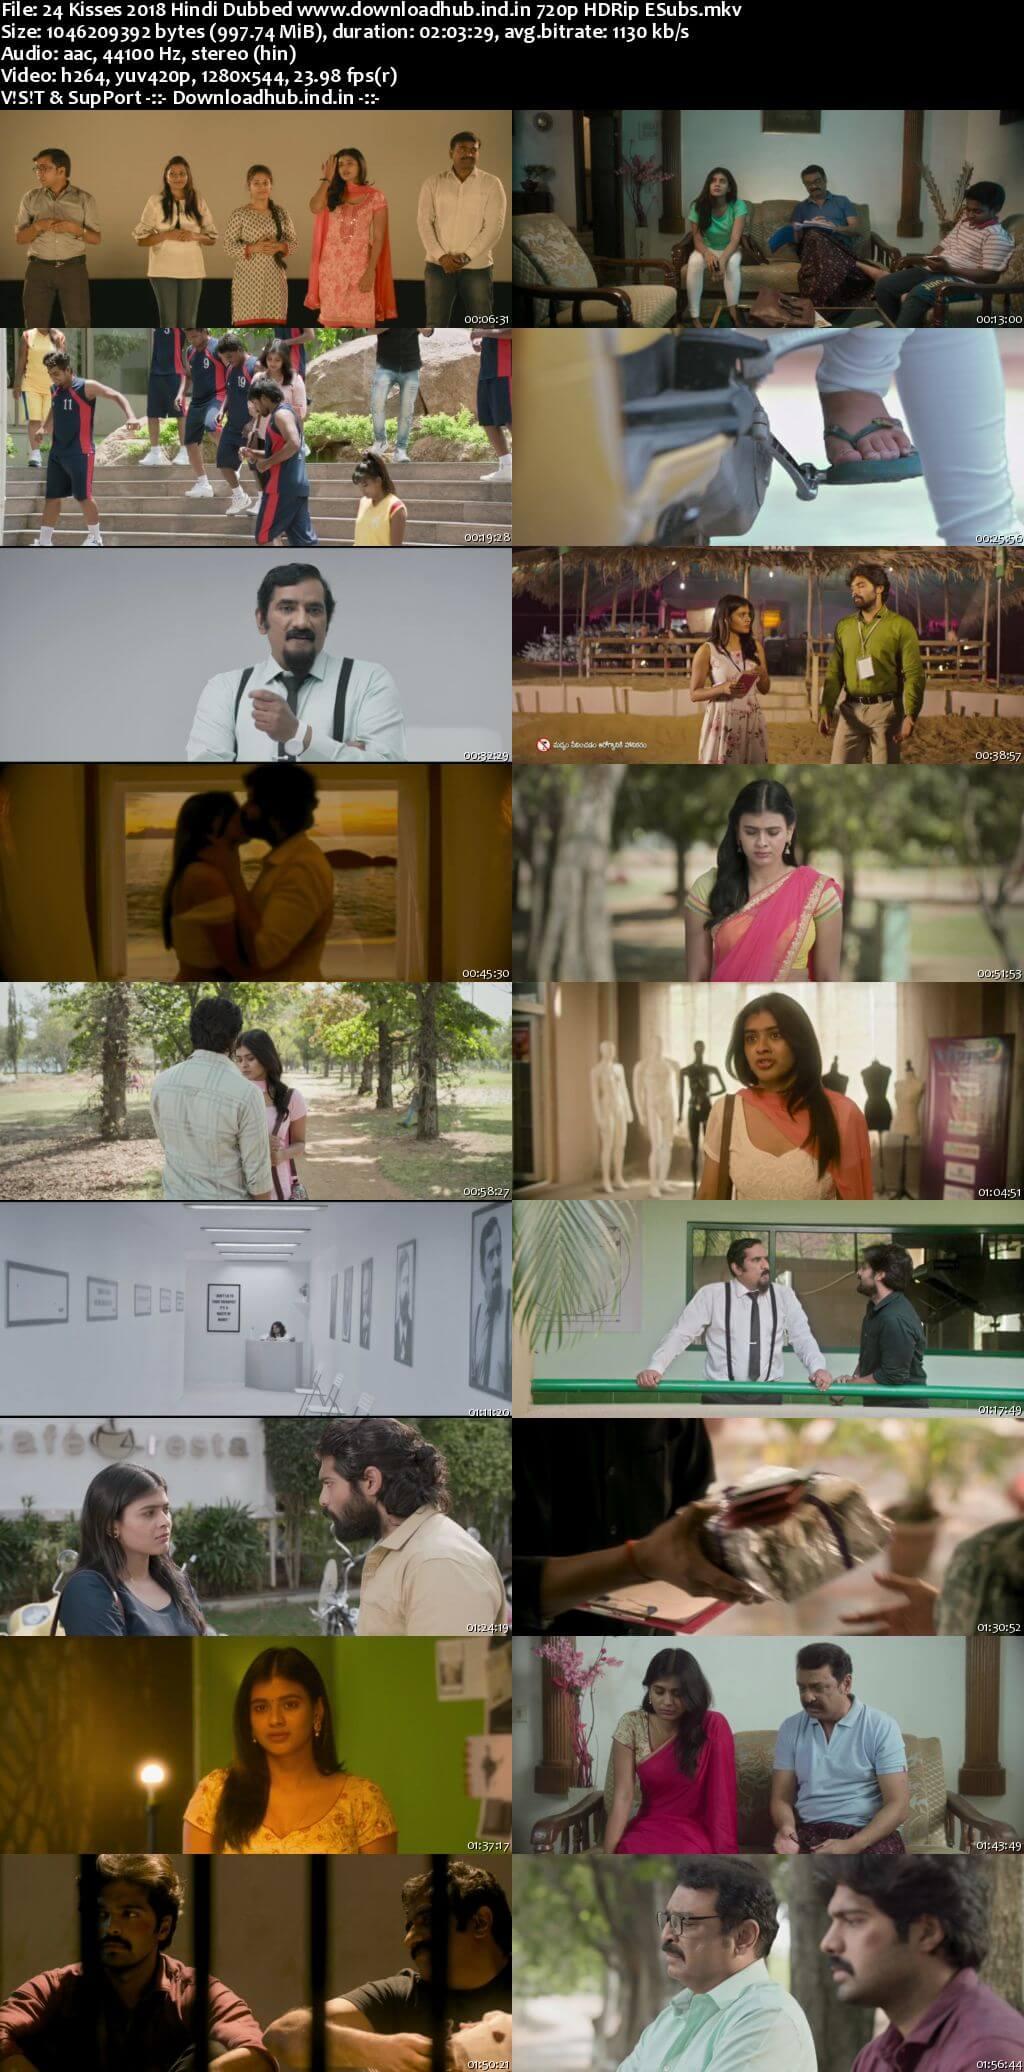 24 Kisses 2018 Hindi Dubbed 720p HDRip ESubs